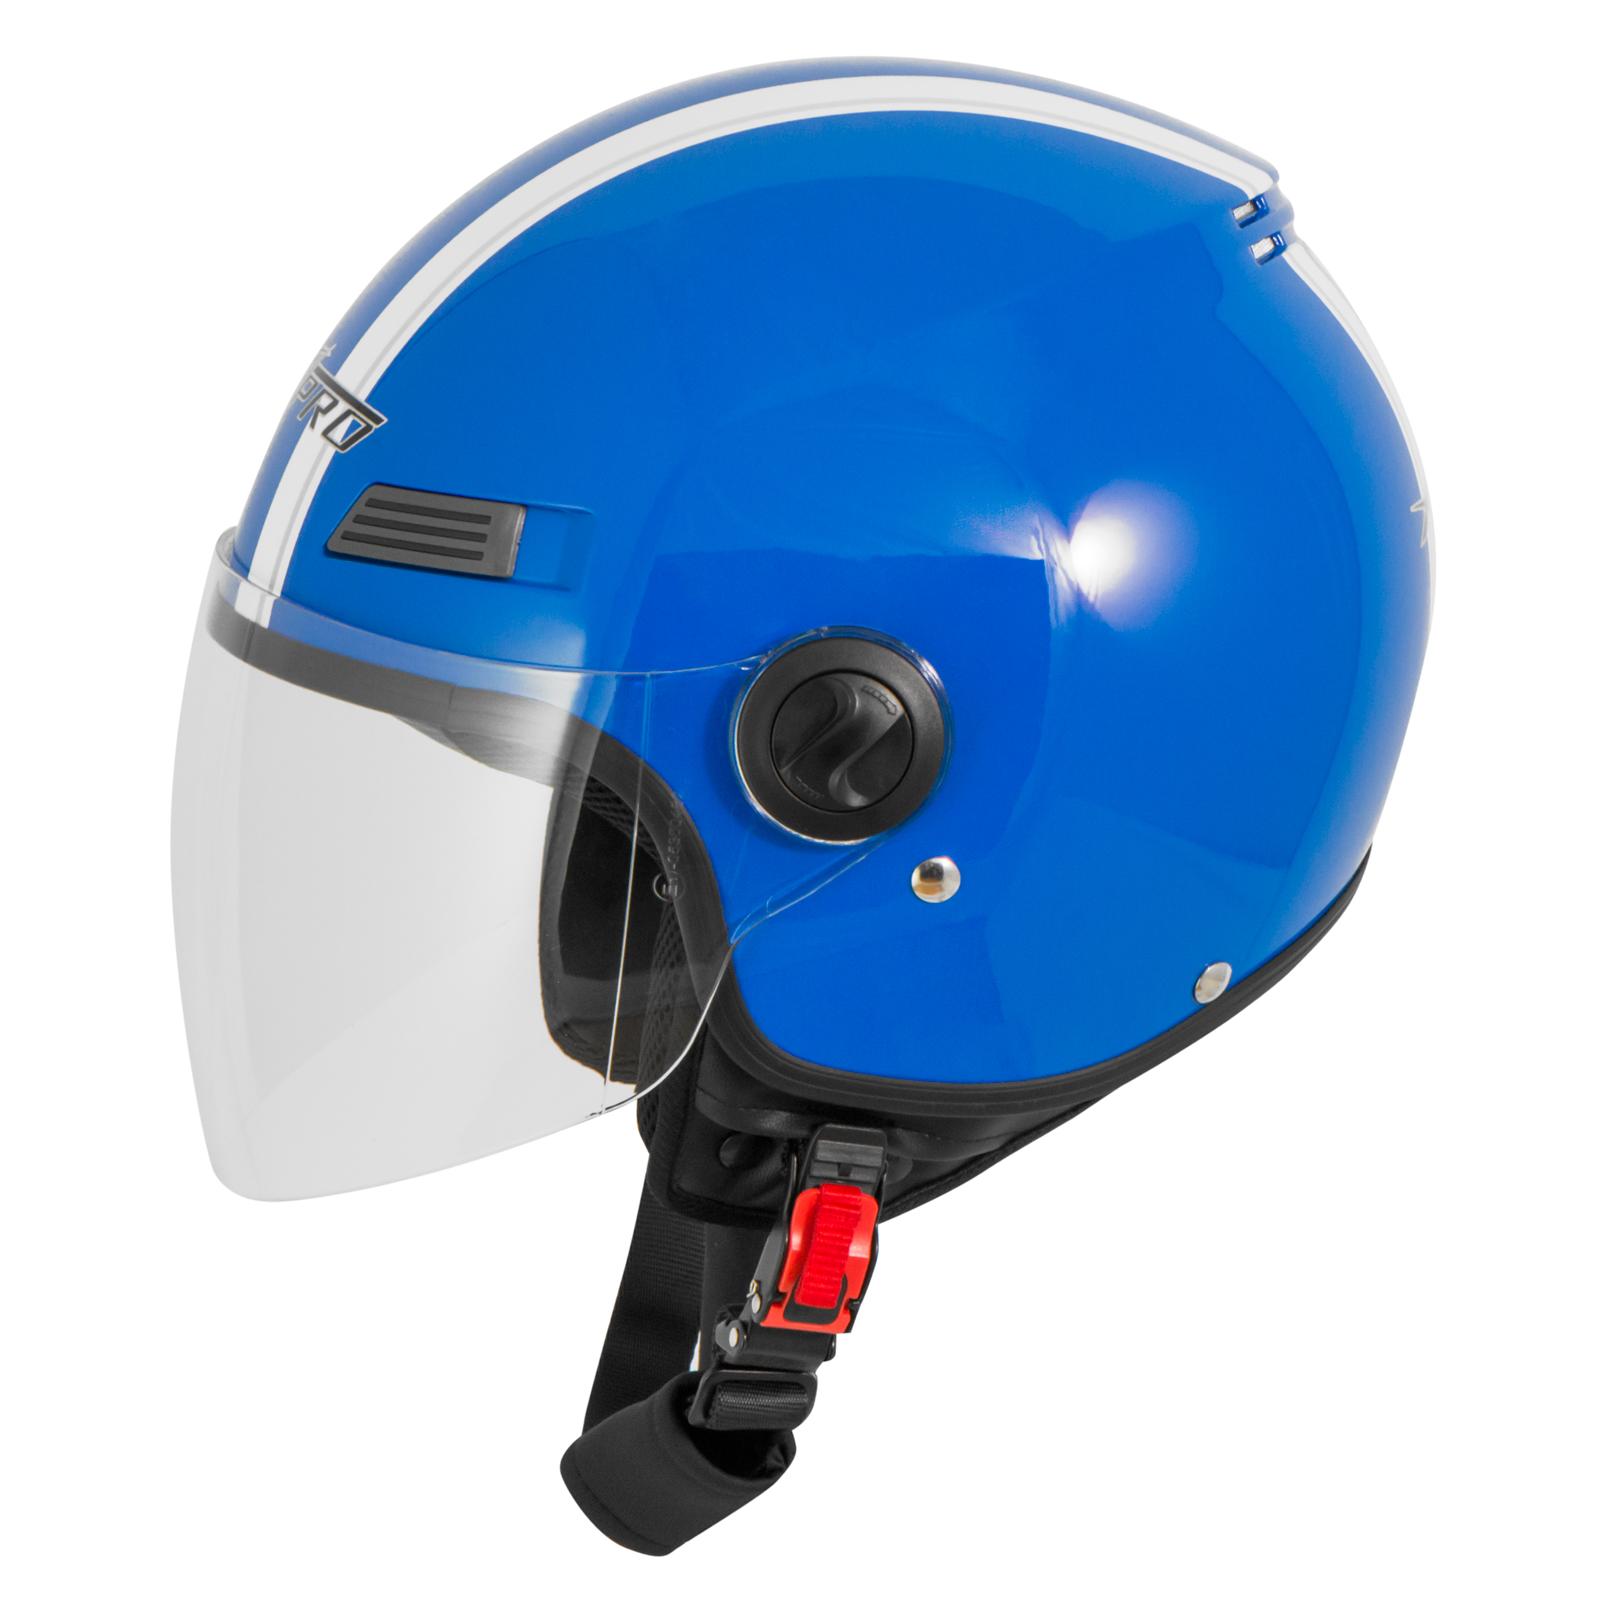 Casque-Avec-Moto-Scooter-Quad-Jet-Visiere-ECE-22-SonicMoto miniature 13